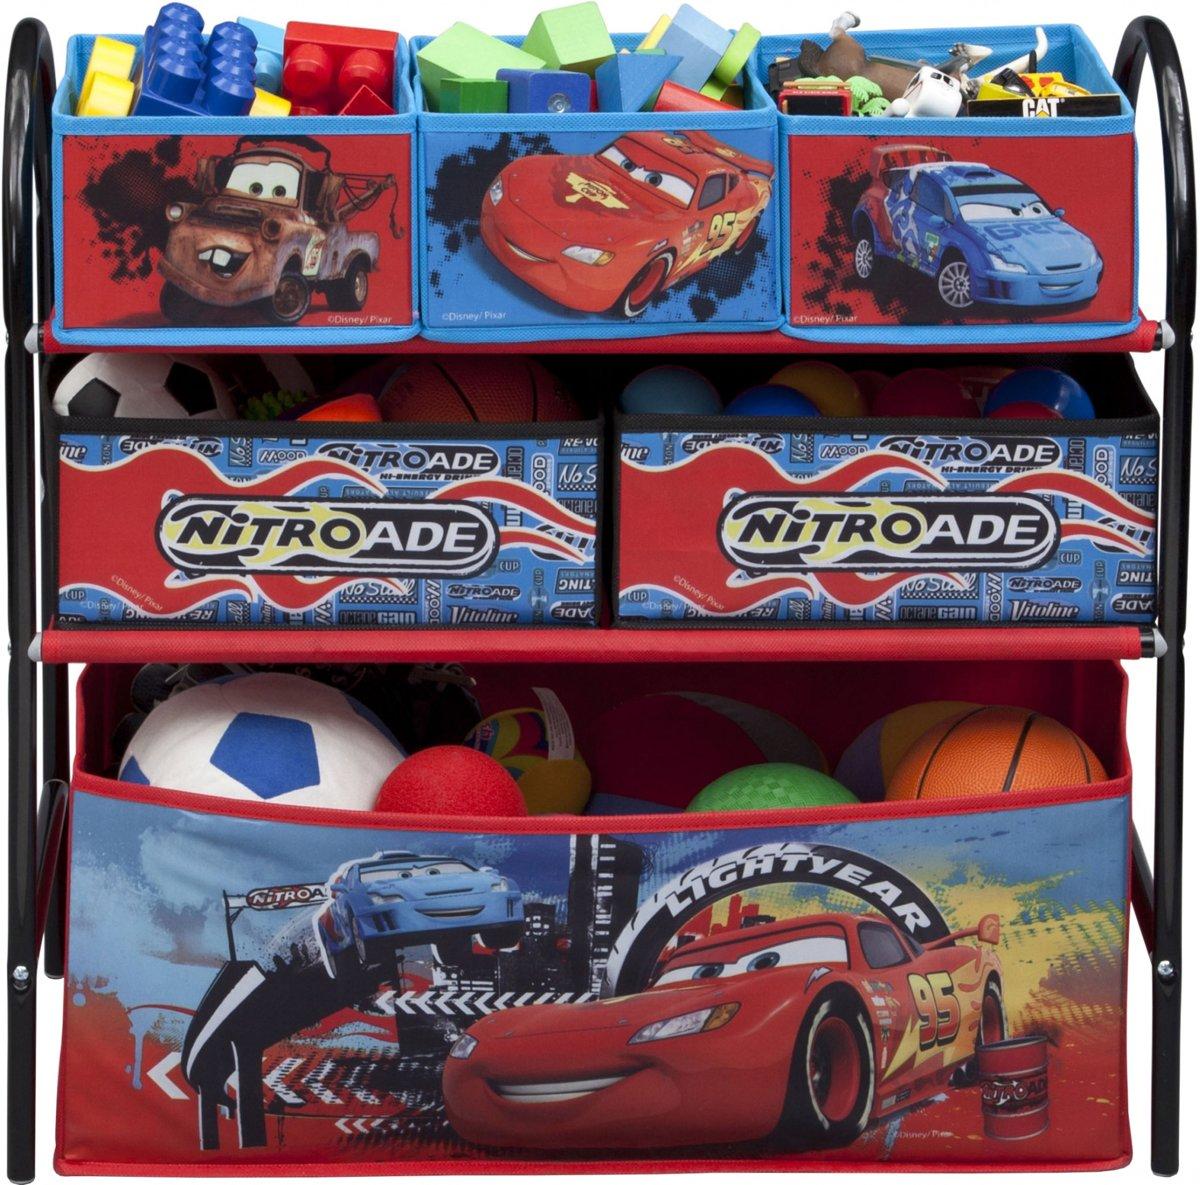 Multi Opbergkast Cars.Opbergkast Met Manden Metaal Cars